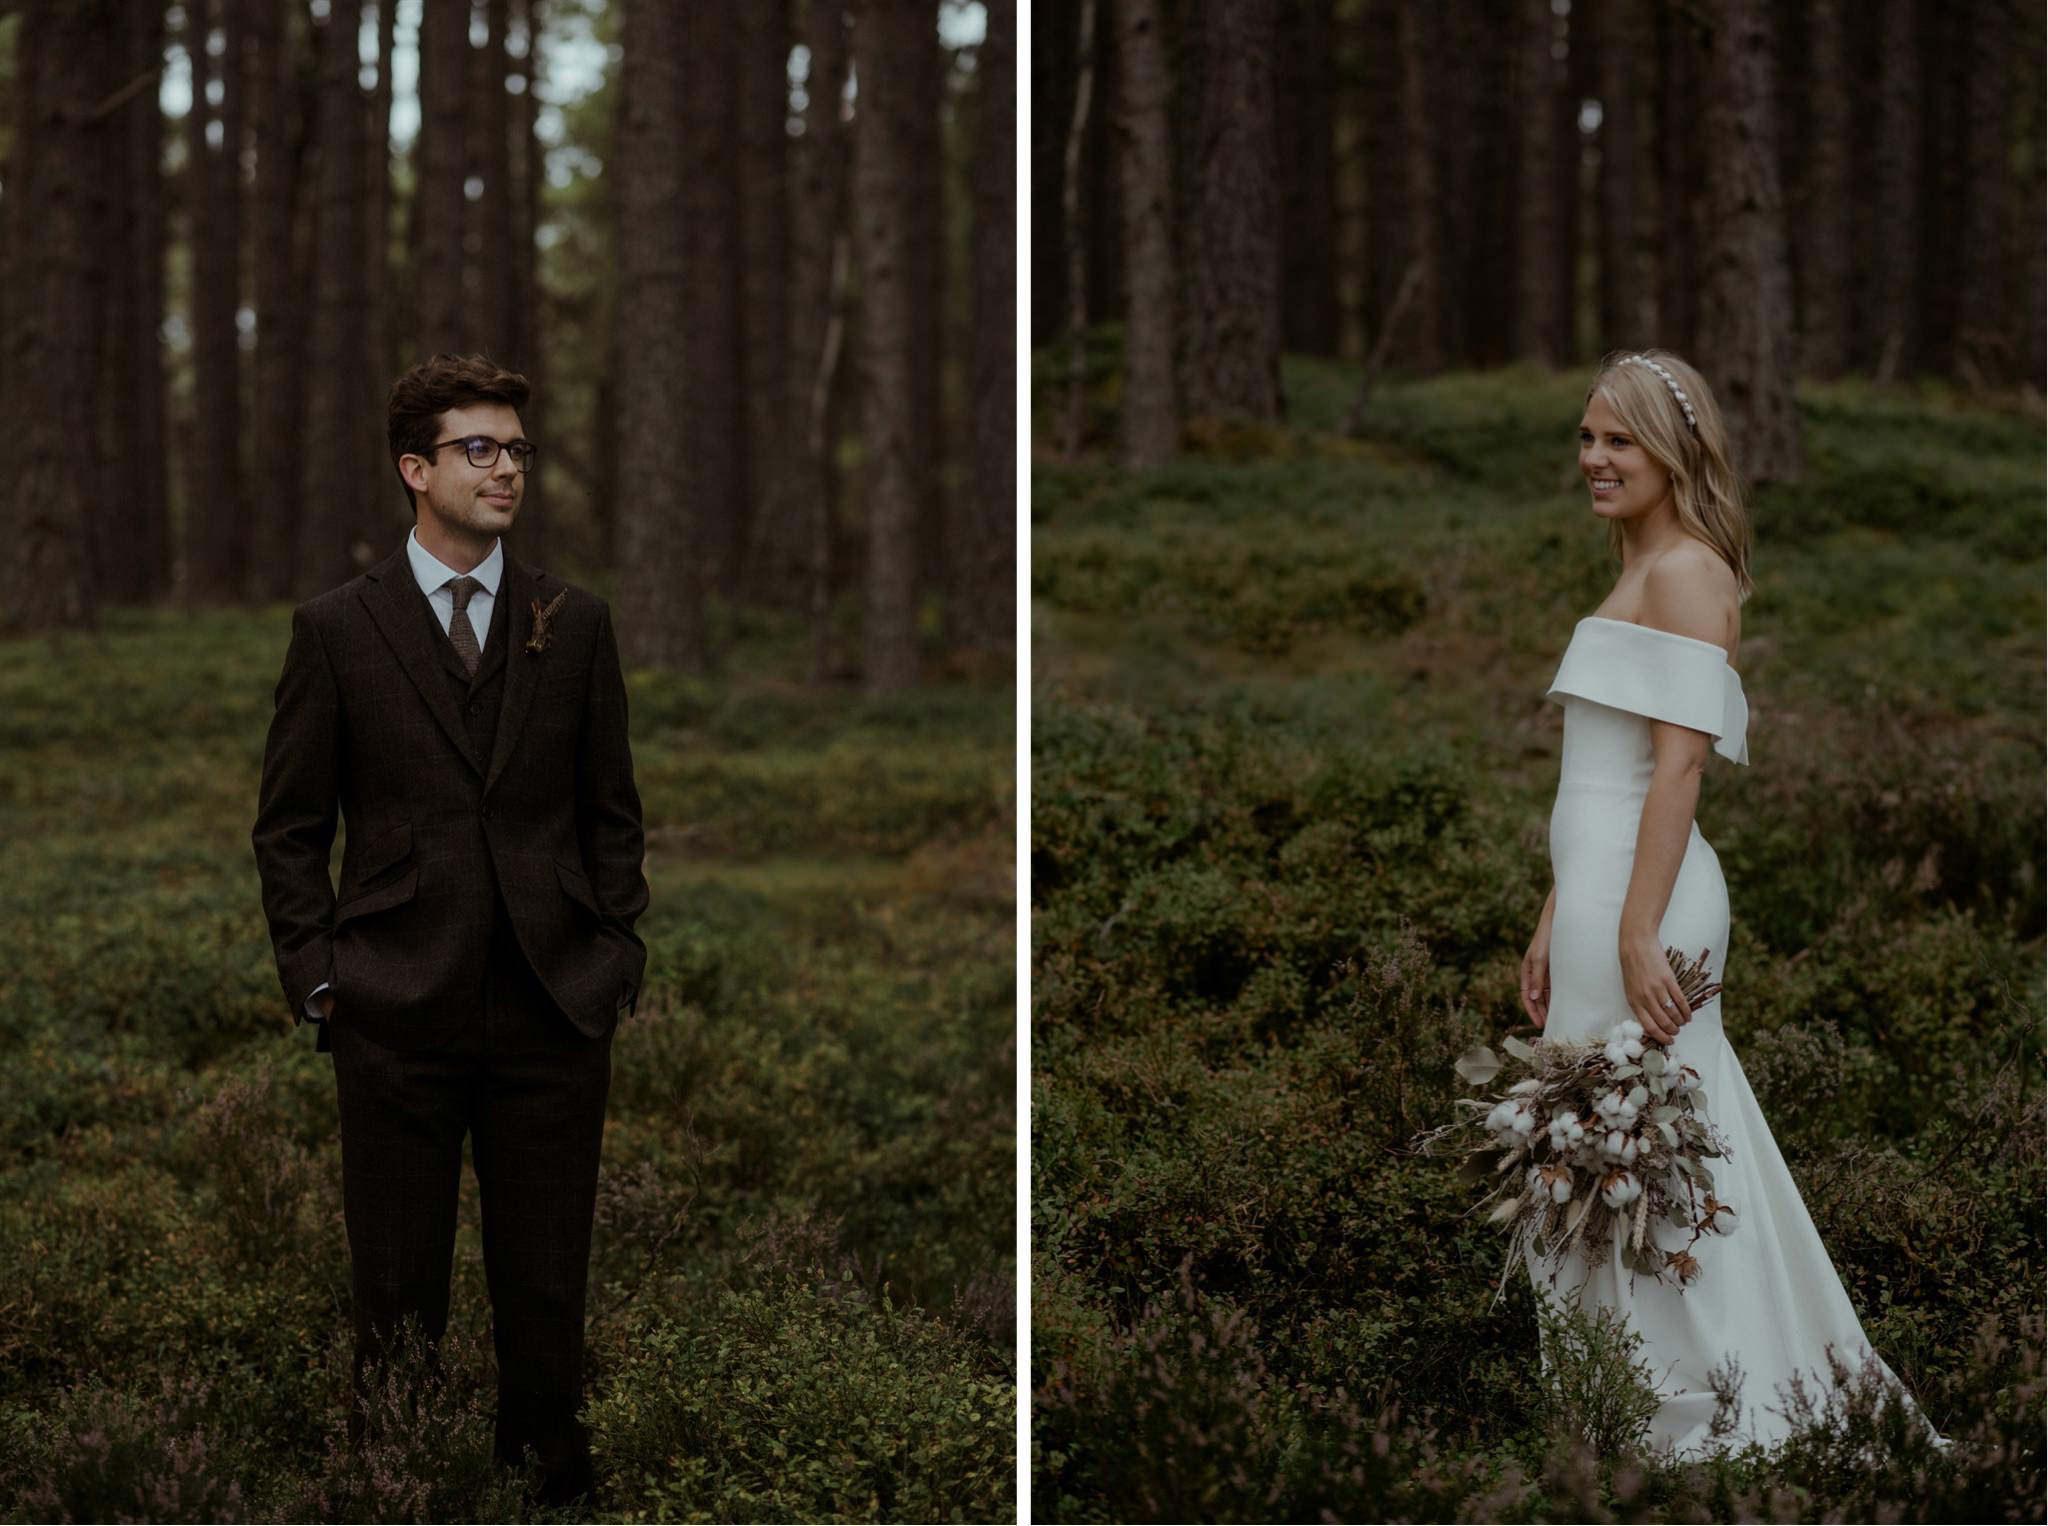 Bride and groom at their Loch Garten elopement ceremony